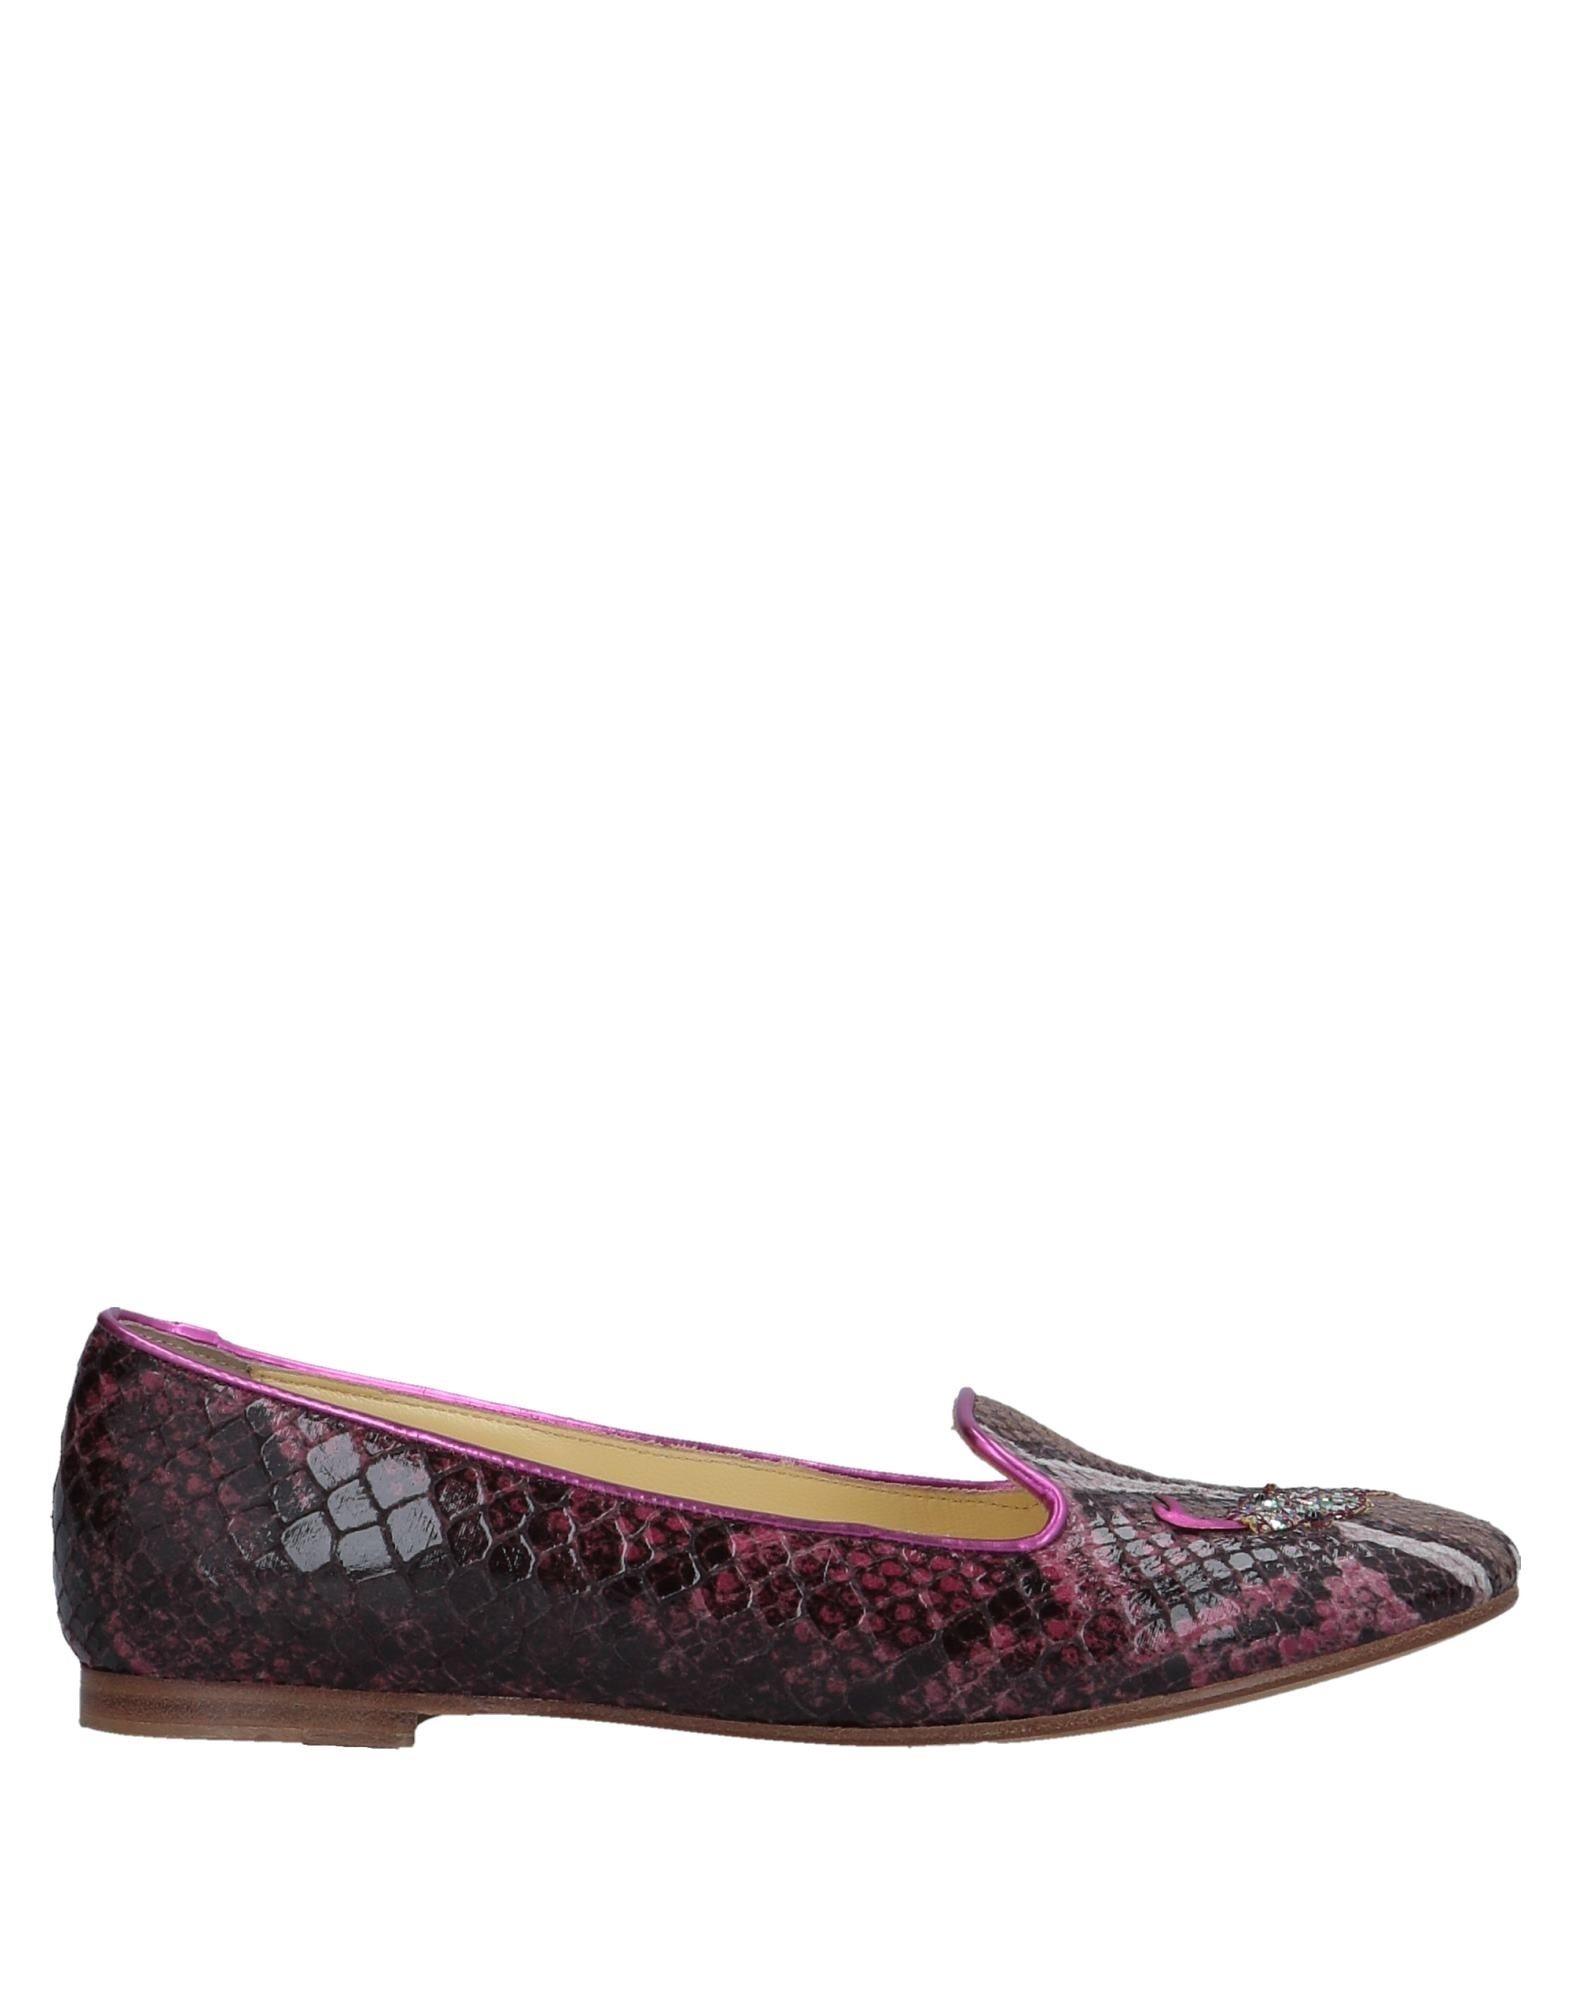 Chiara Ferragni Ballerinas Damen  11508528OL Gute Qualität beliebte Schuhe